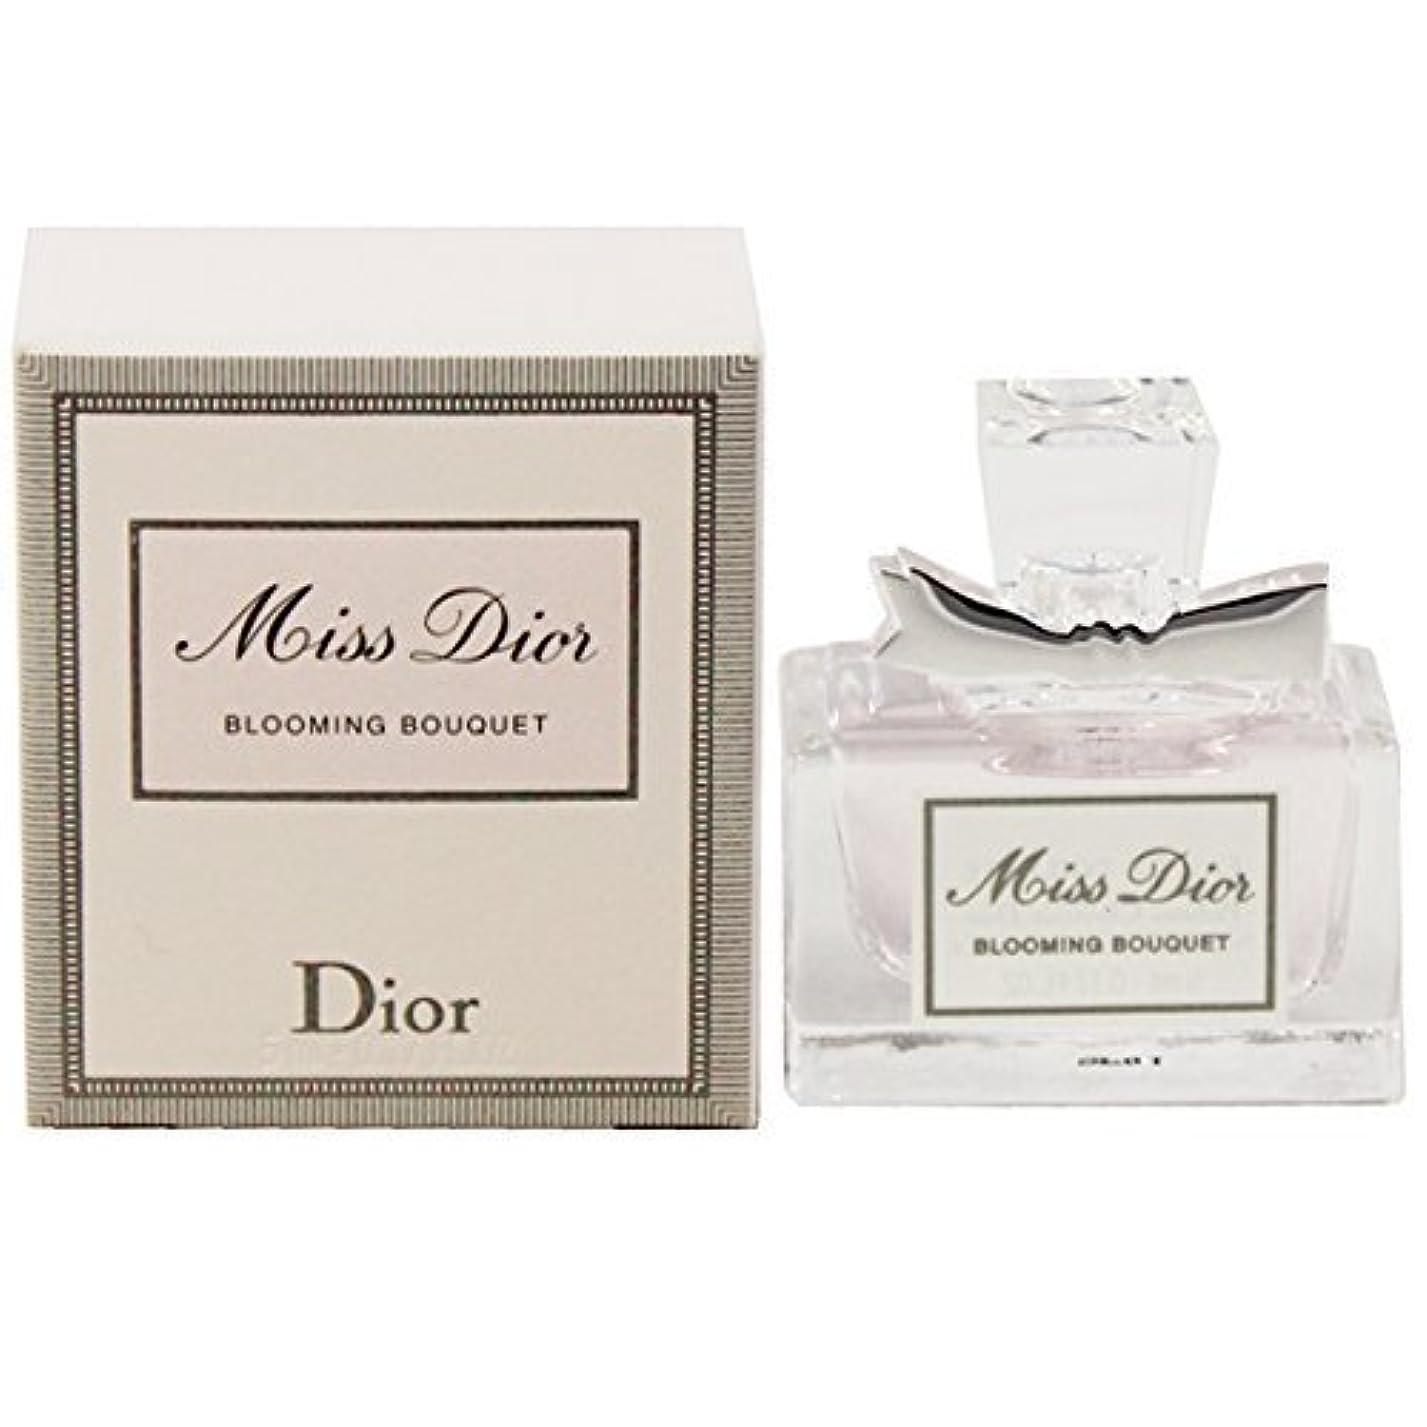 転用ビルマ樹皮クリスチャン ディオール(Christian Dior) ミス ディオール ブルーミングブーケEDT?BT 5ml[並行輸入品]